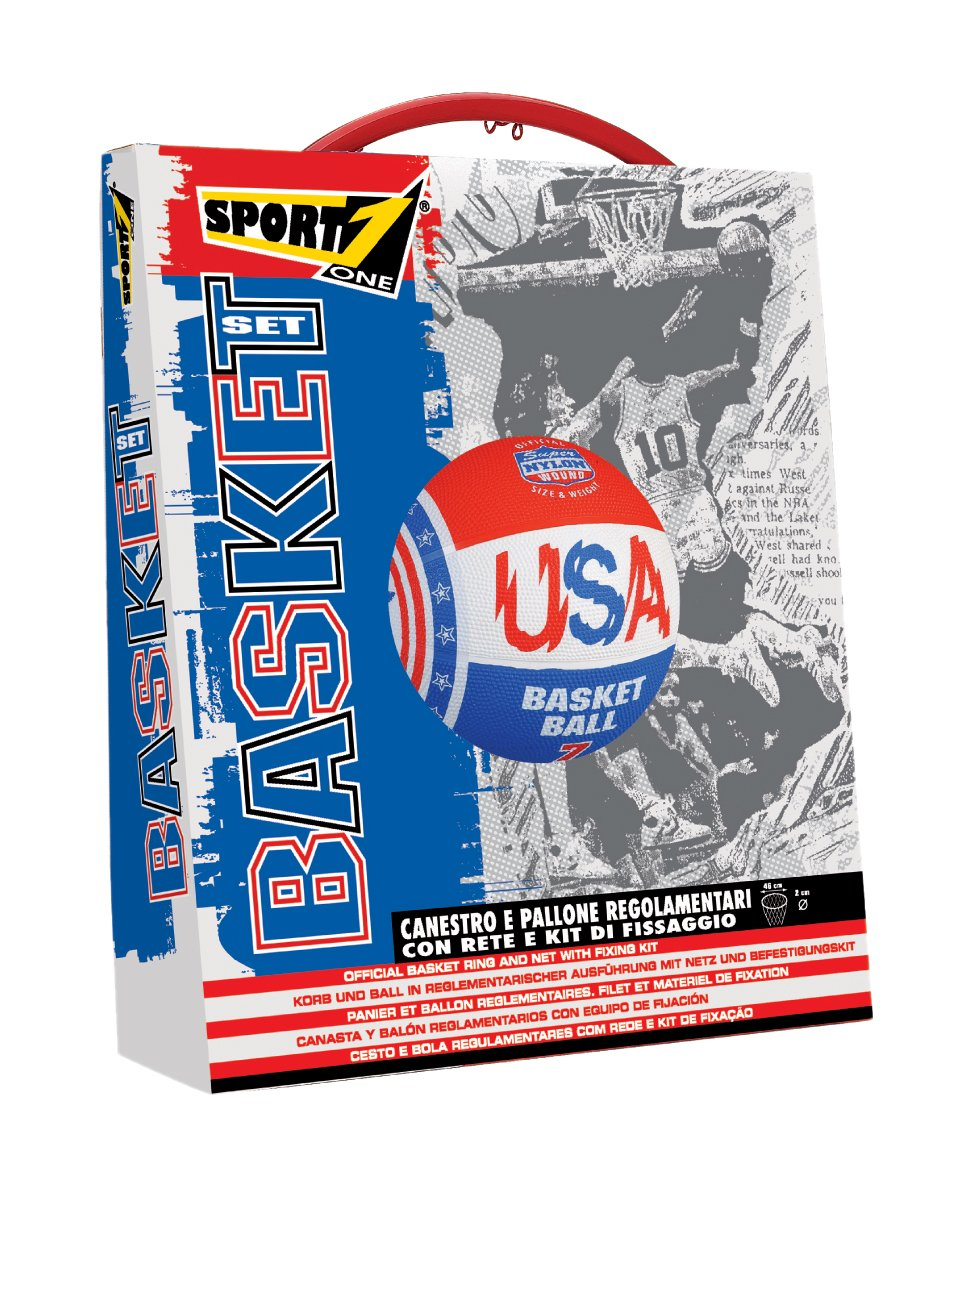 Sport One canestro USA SPORTONE 703200091